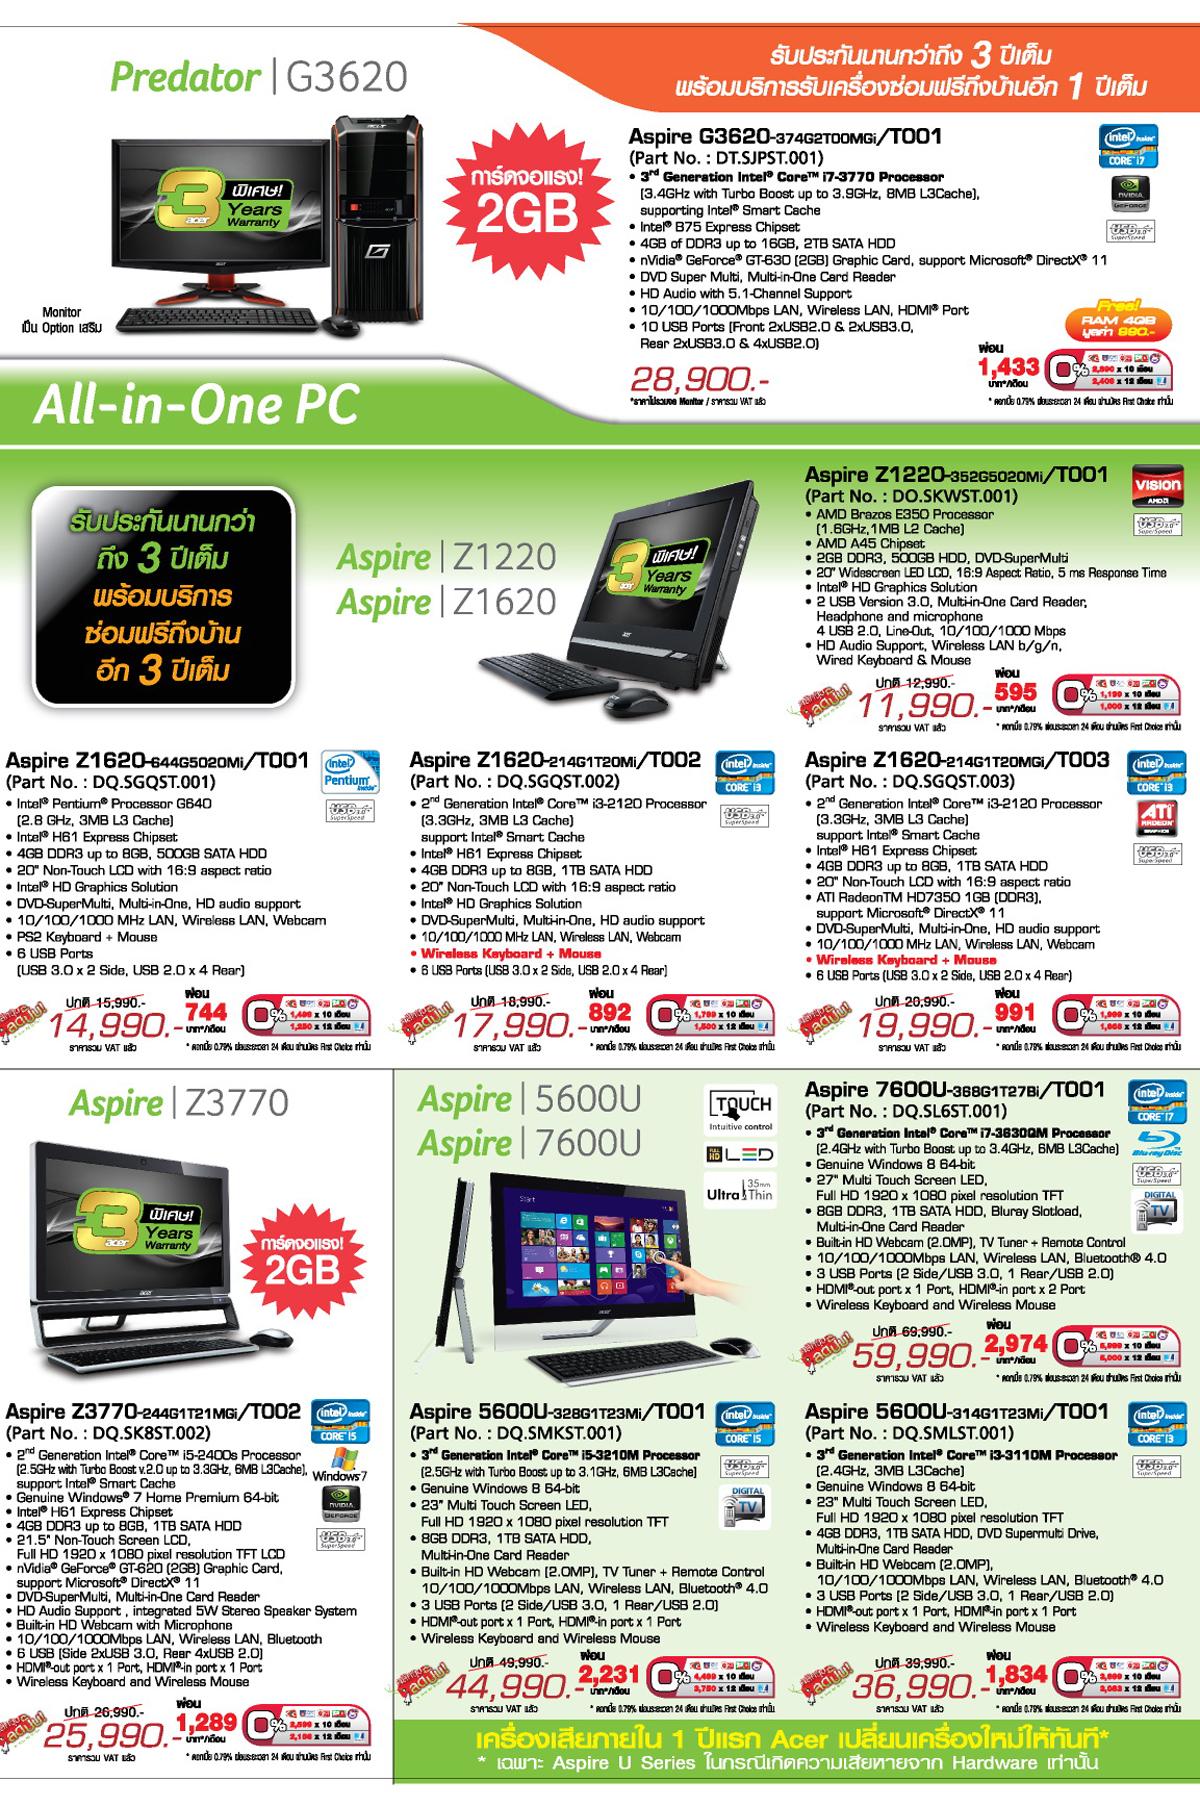 Commart Nov 2012 OS a5